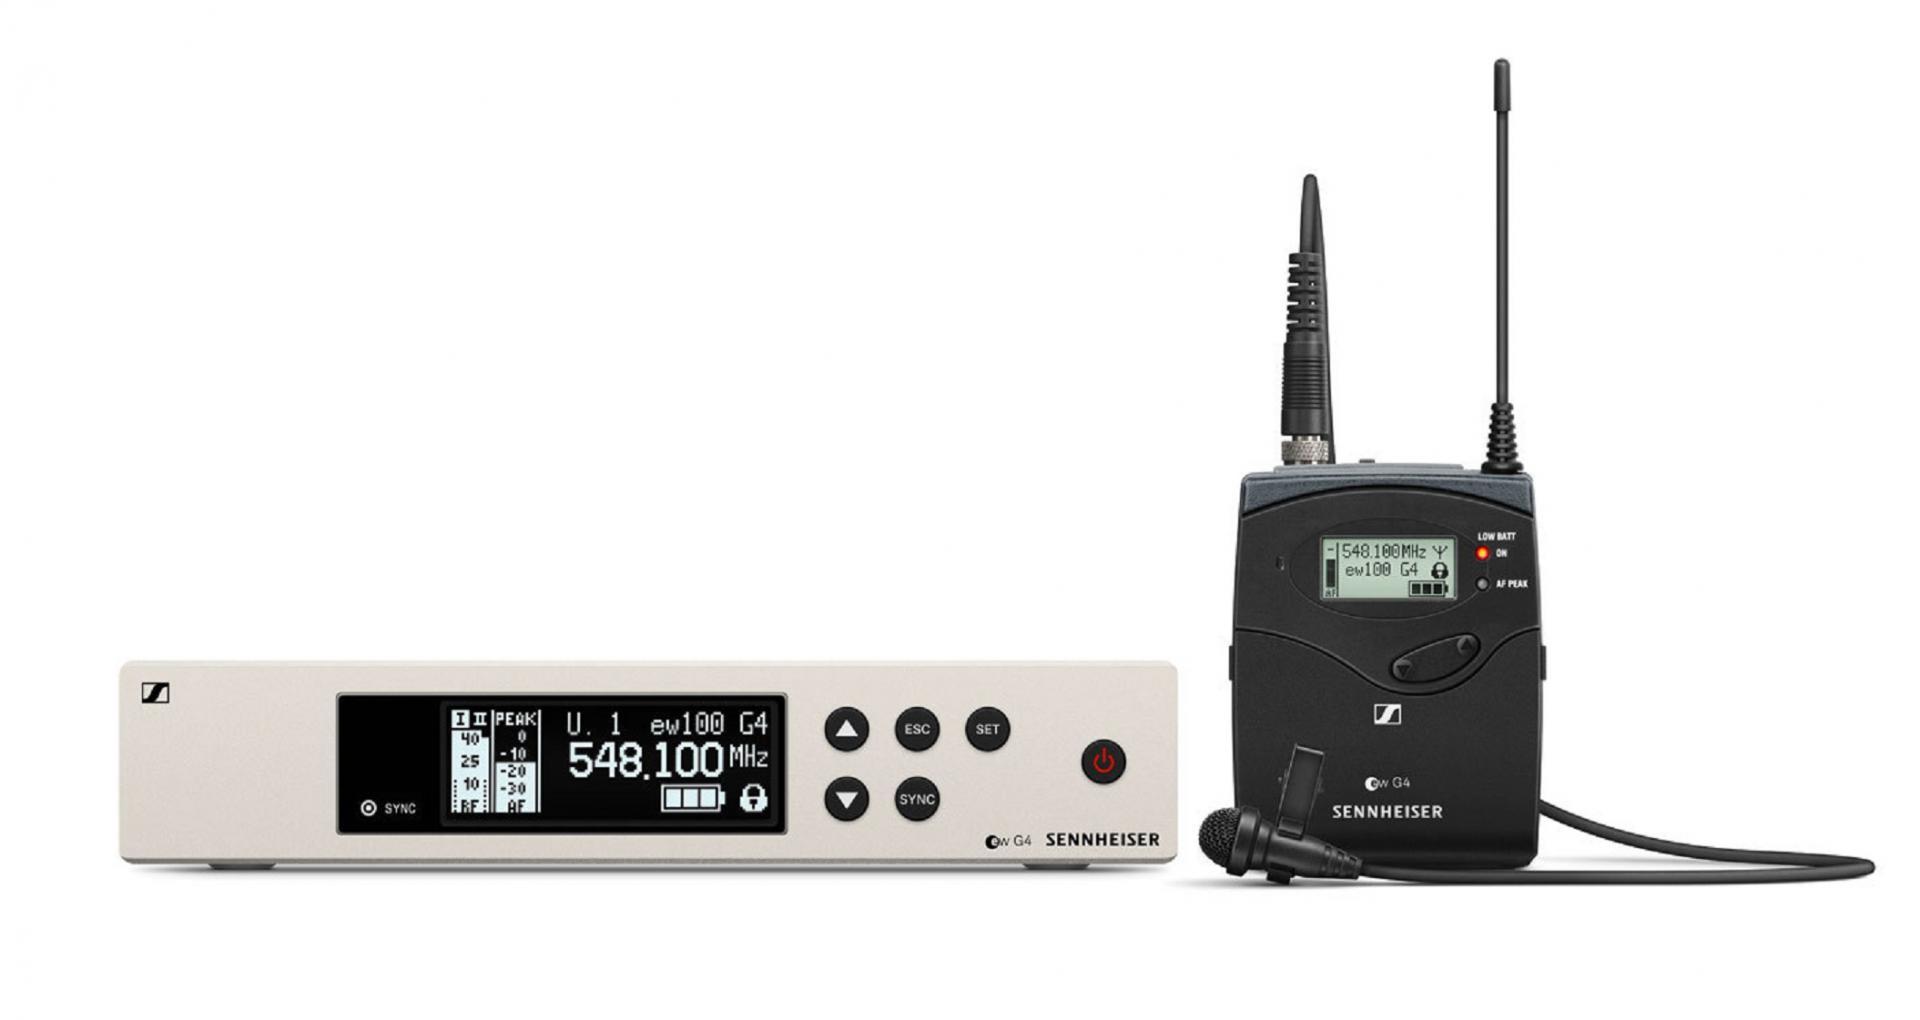 Sennheiser Ew 100 G4-Me2 Sistema inalámbrico de petaca